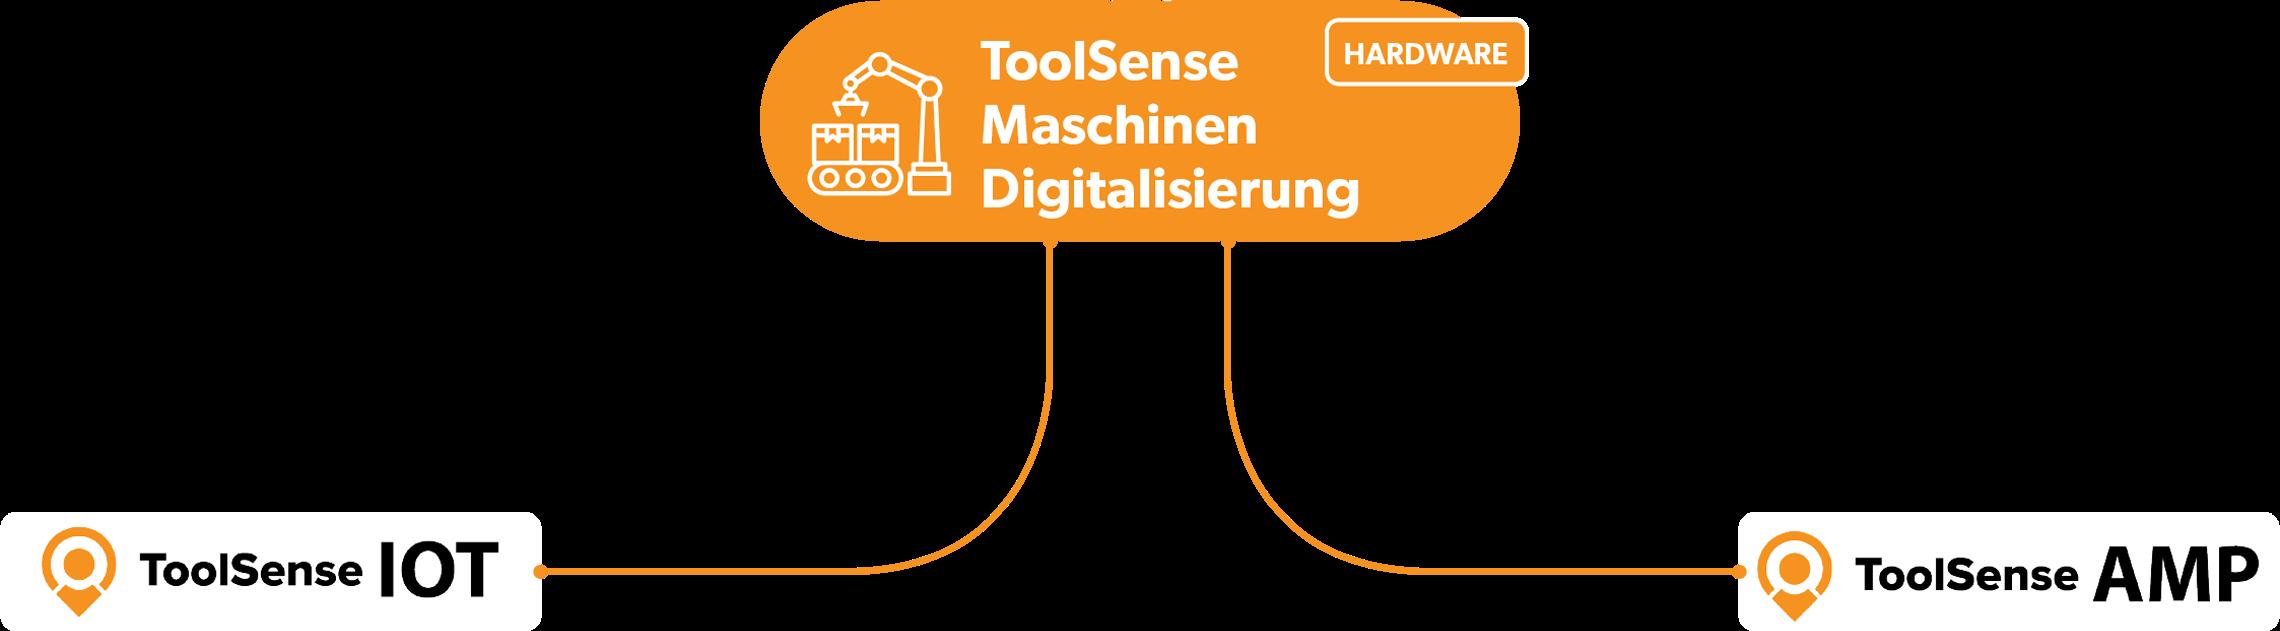 Maschinen Digitalisierung Illustration